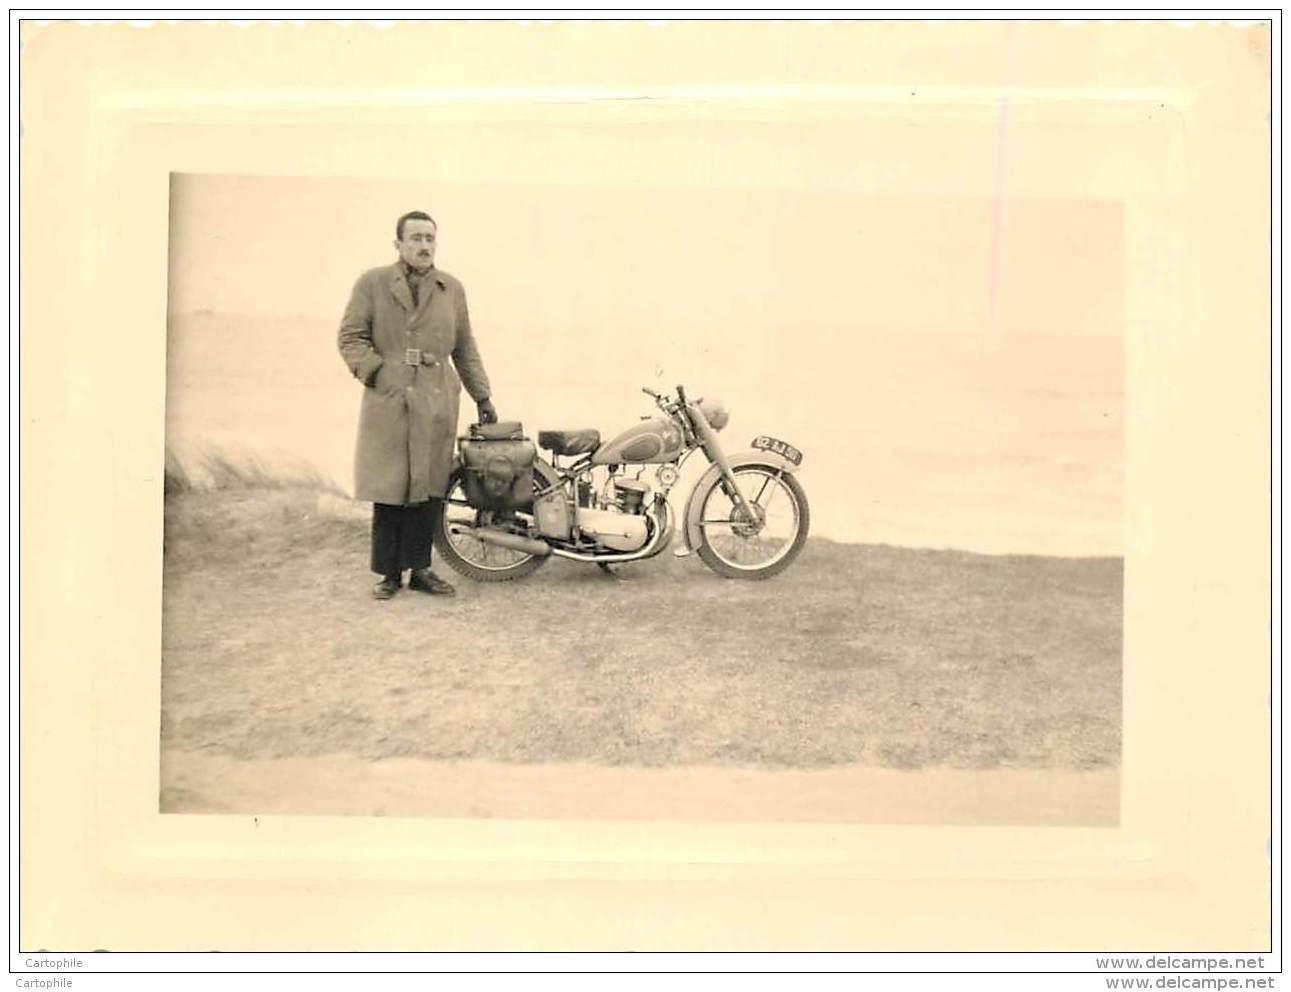 Photo D'une Moto Et Motocycliste Prises En Bretagne A Kerpathe (?) En 1955 - Lieux